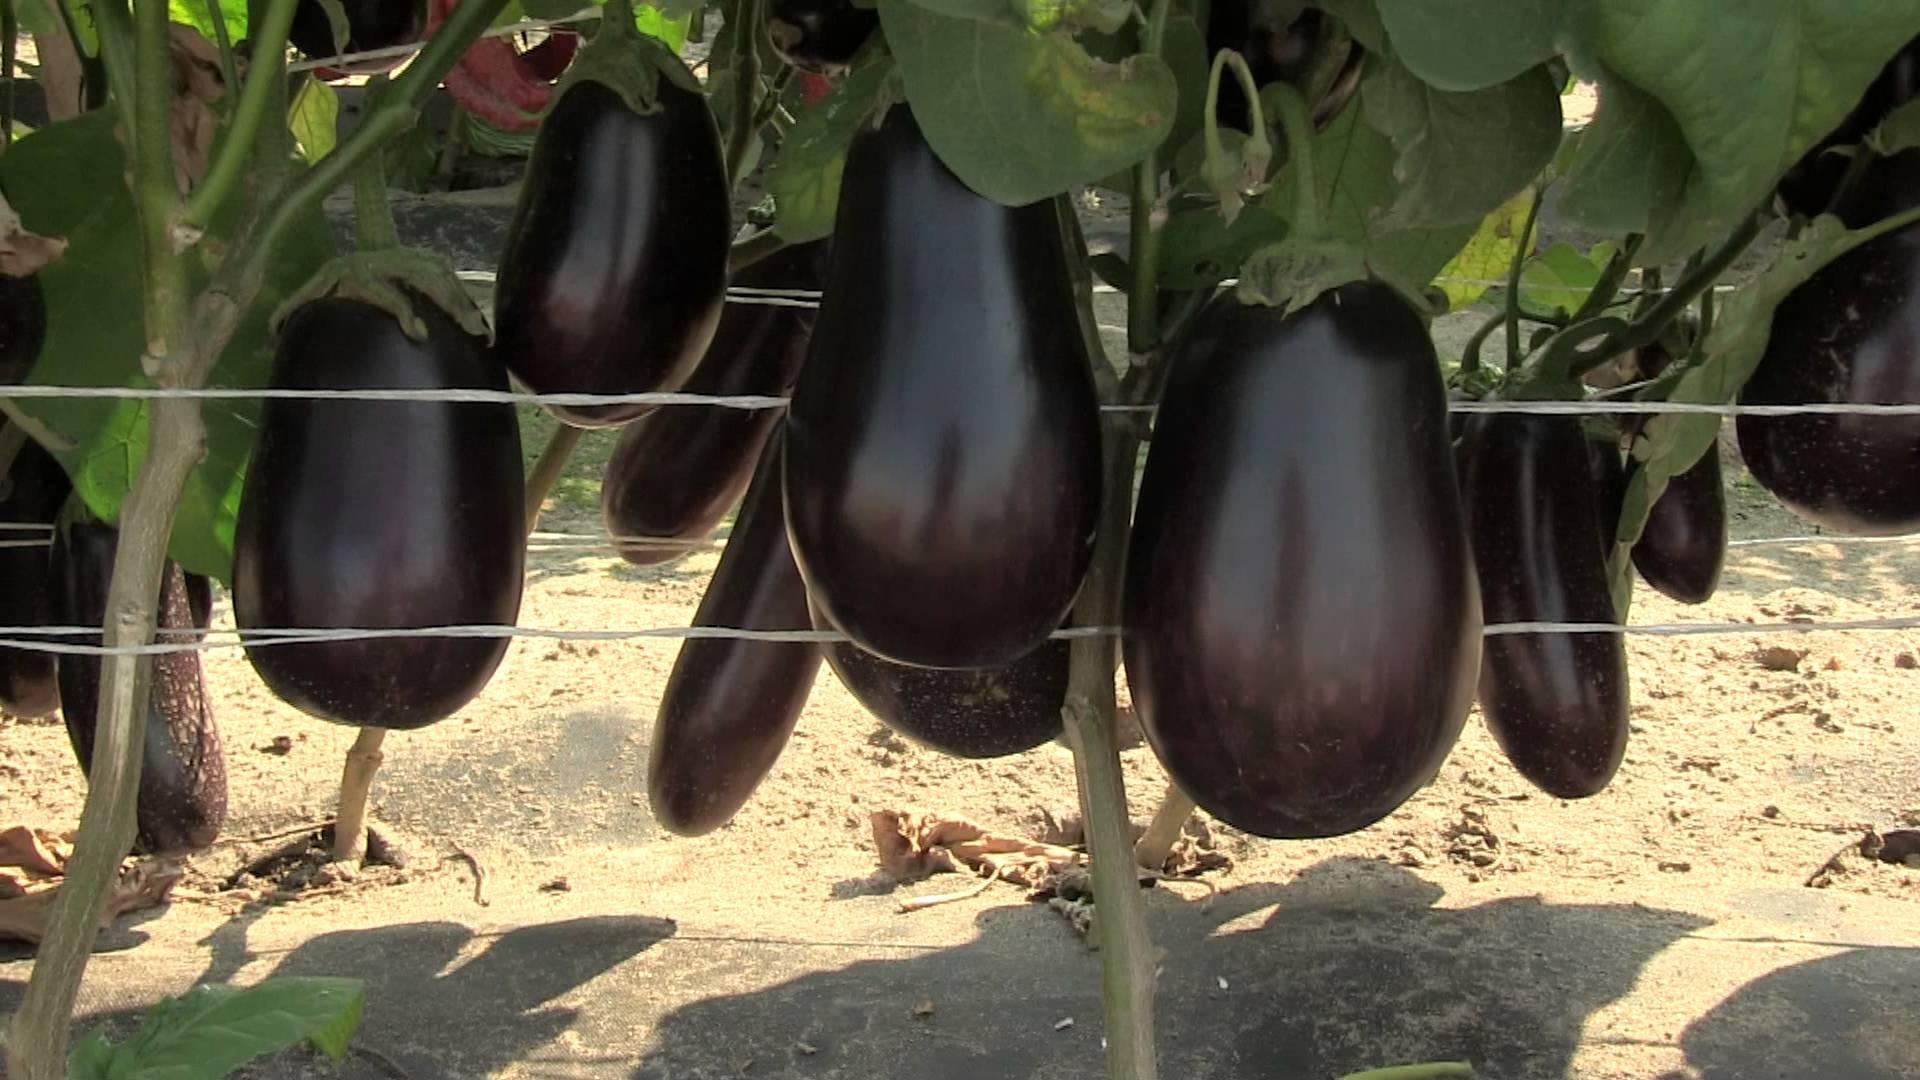 Выращивание арбузов. Рассада арбуза